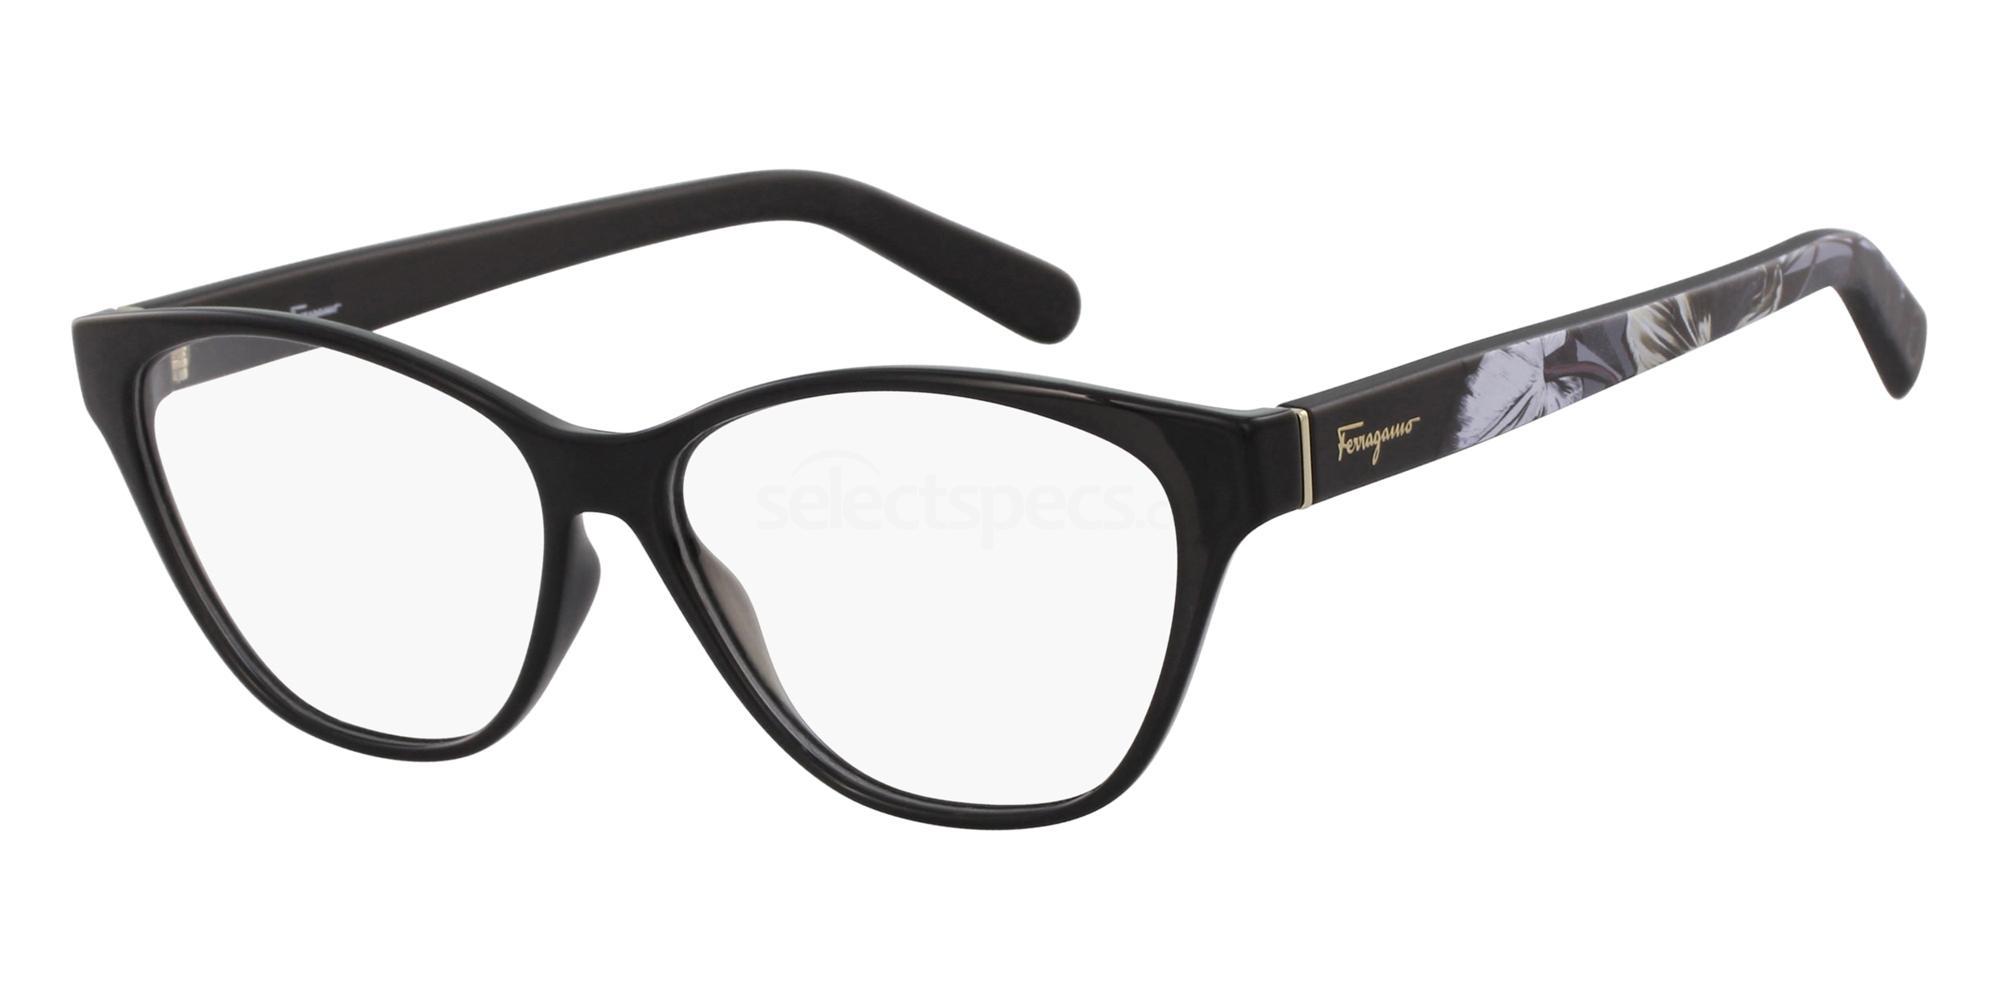 001 SF2836 Glasses, Salvatore Ferragamo